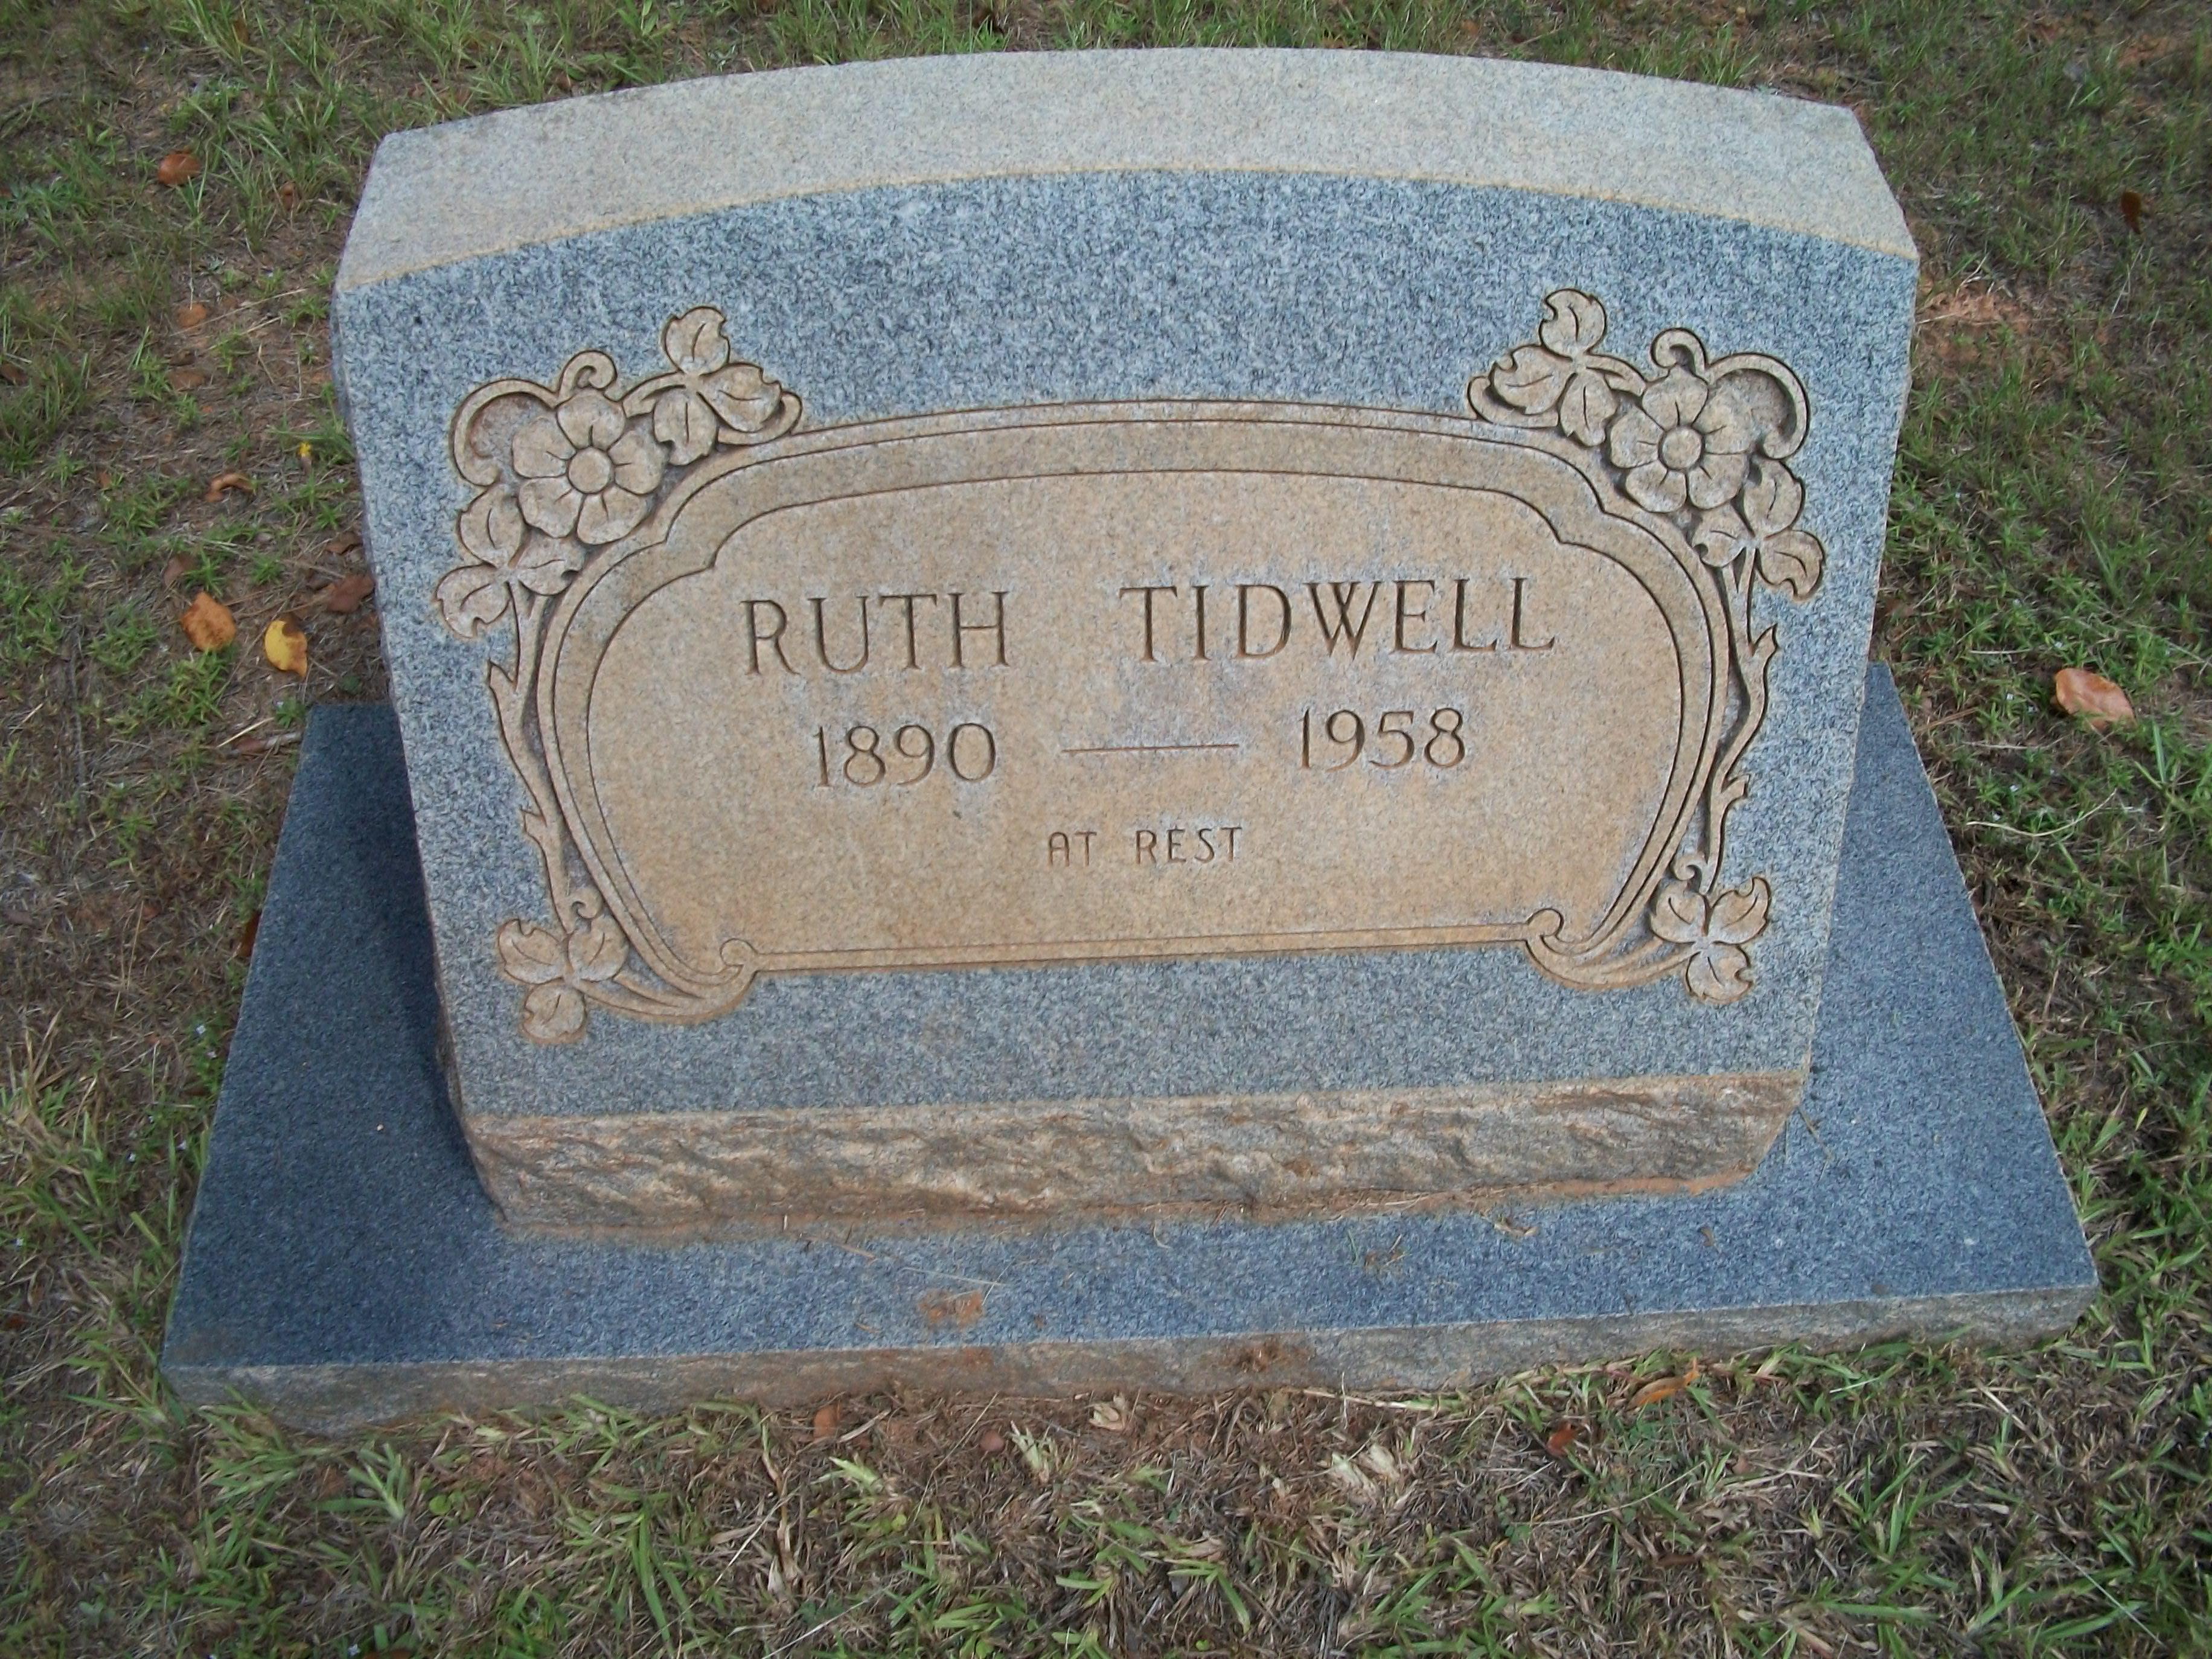 Ruth Tidwell